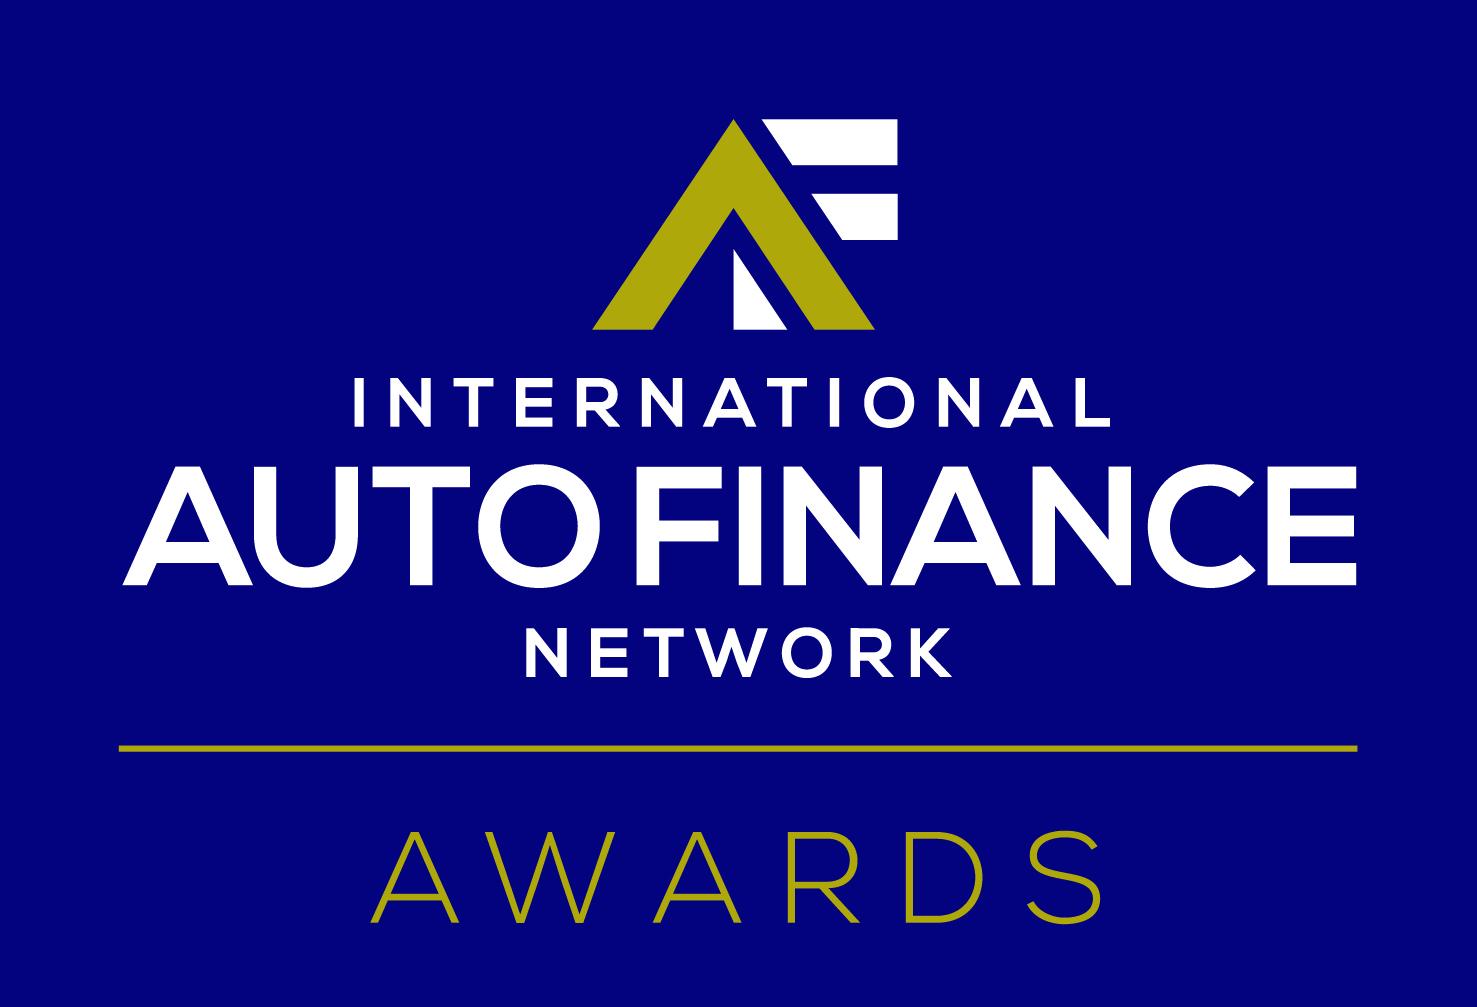 IAFN Awards logo